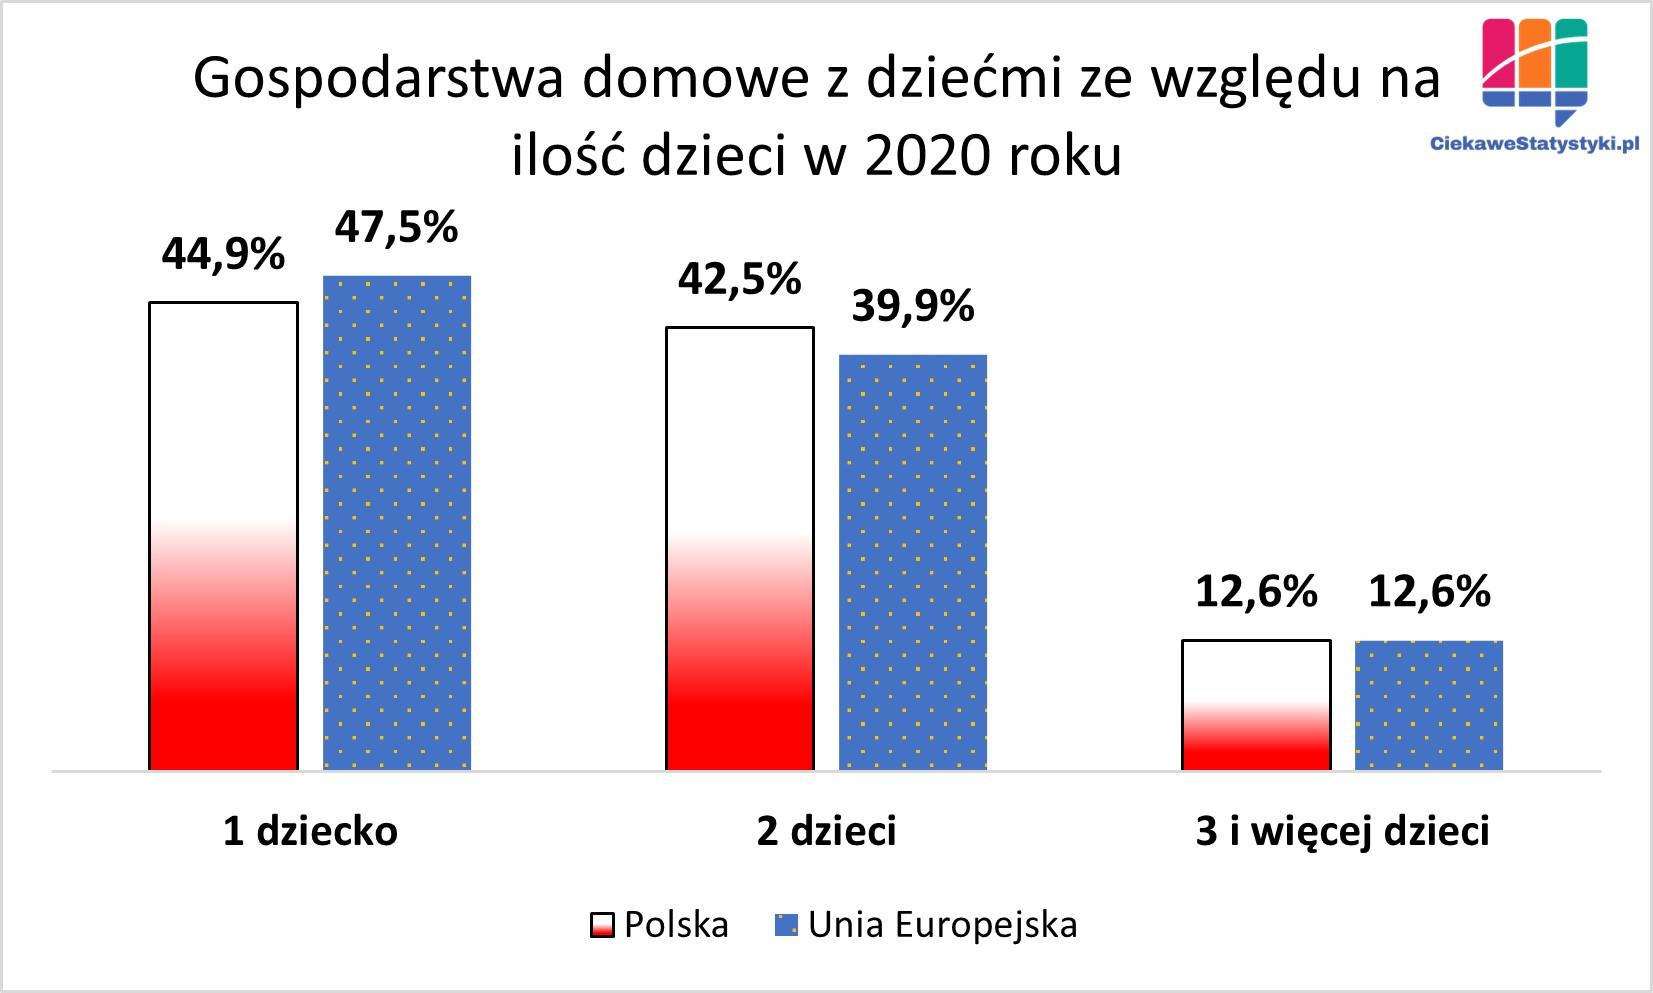 Model rodziny w Polsce, przeciętna liczba dzieci w rodzinie